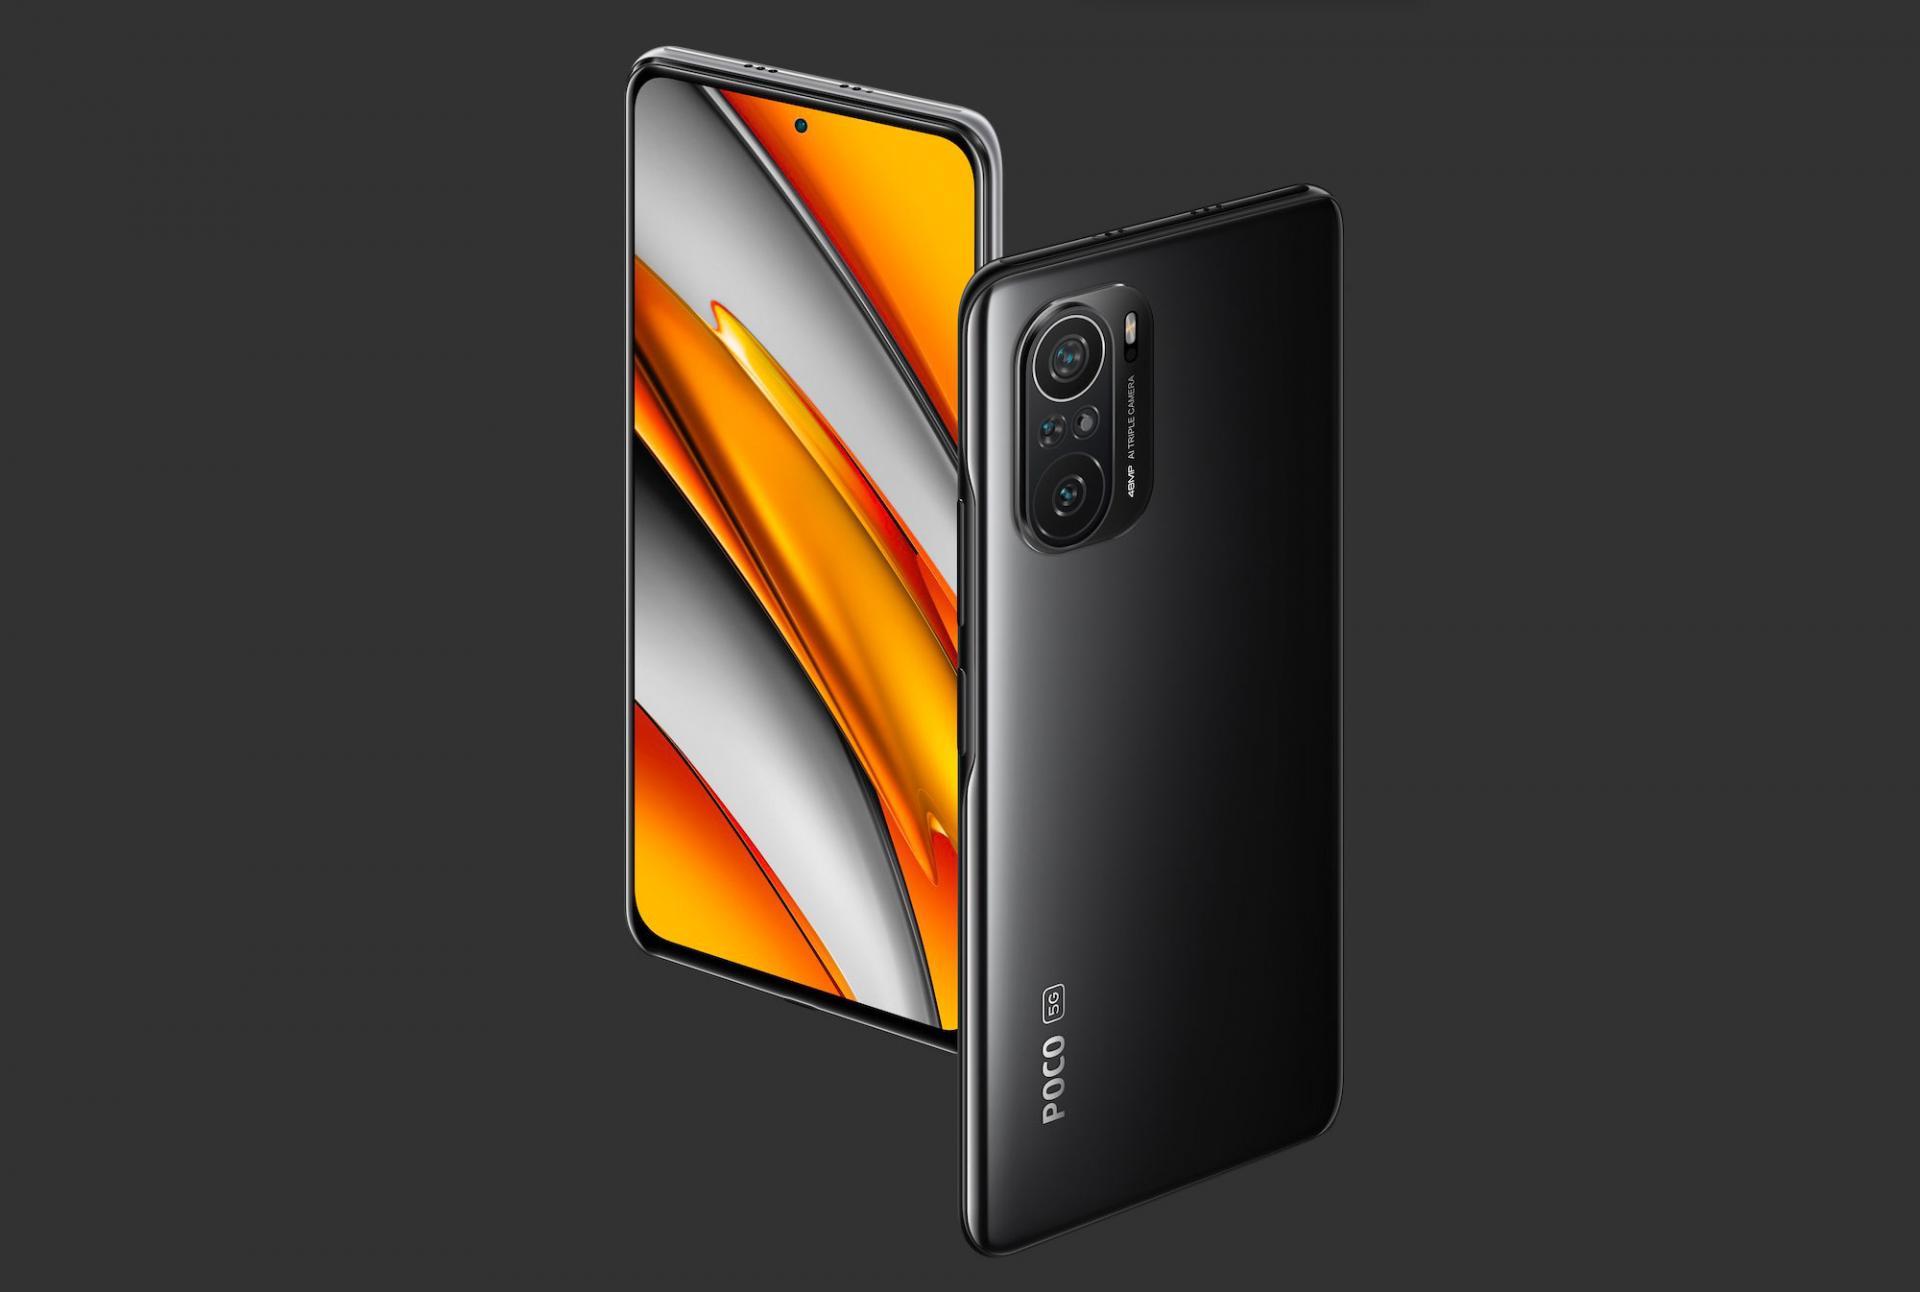 Какой смартфон выбрать: POCOX3 Pro или POCO F3?